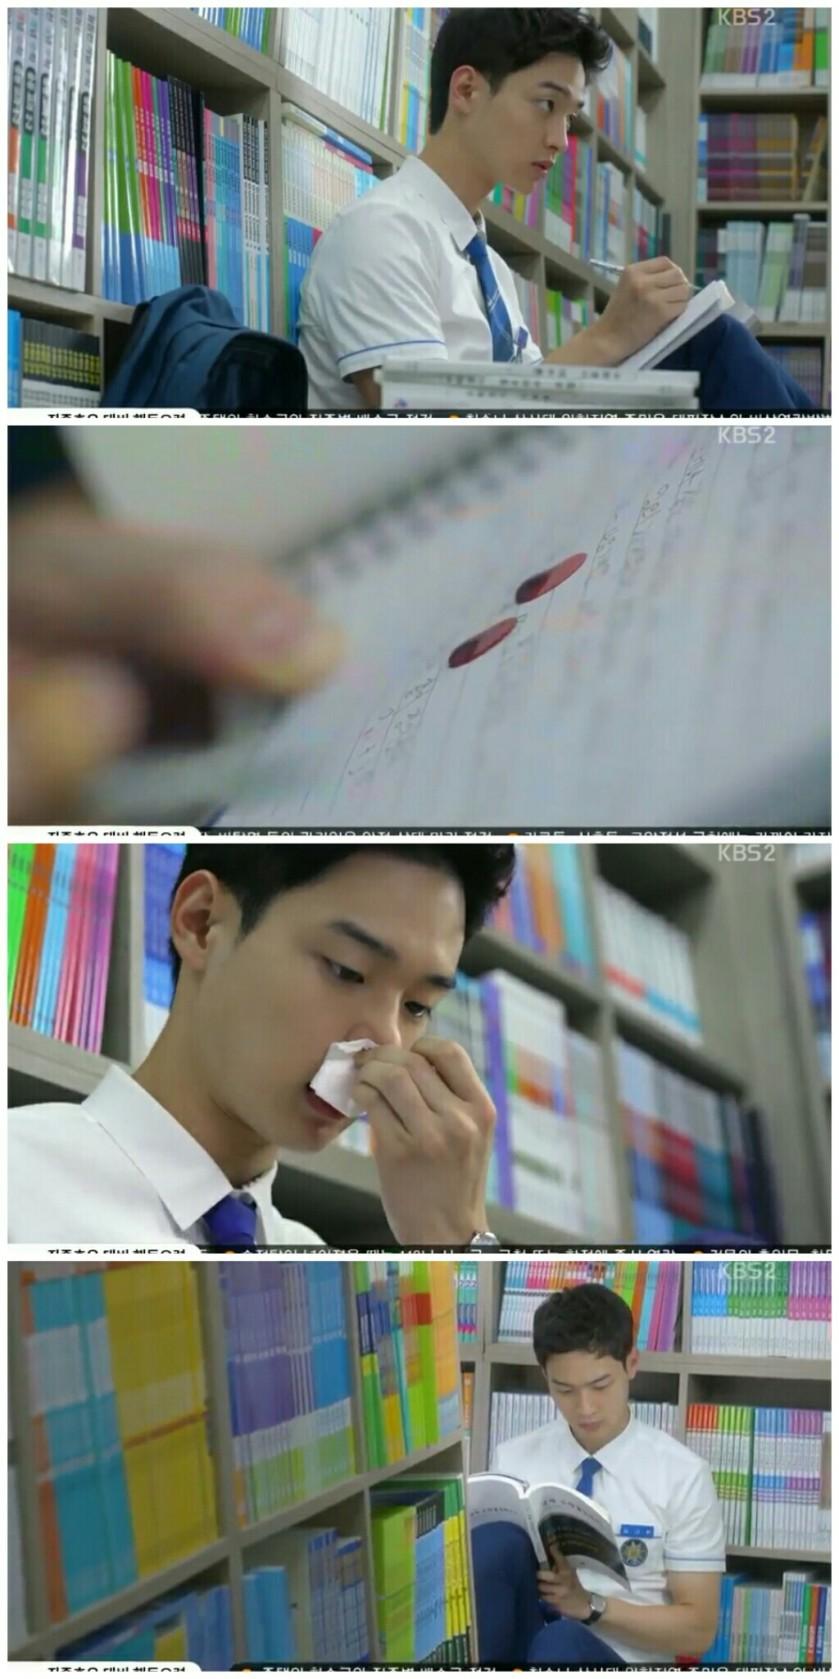 school 2017 ep 5 dae hwi study nosebleed